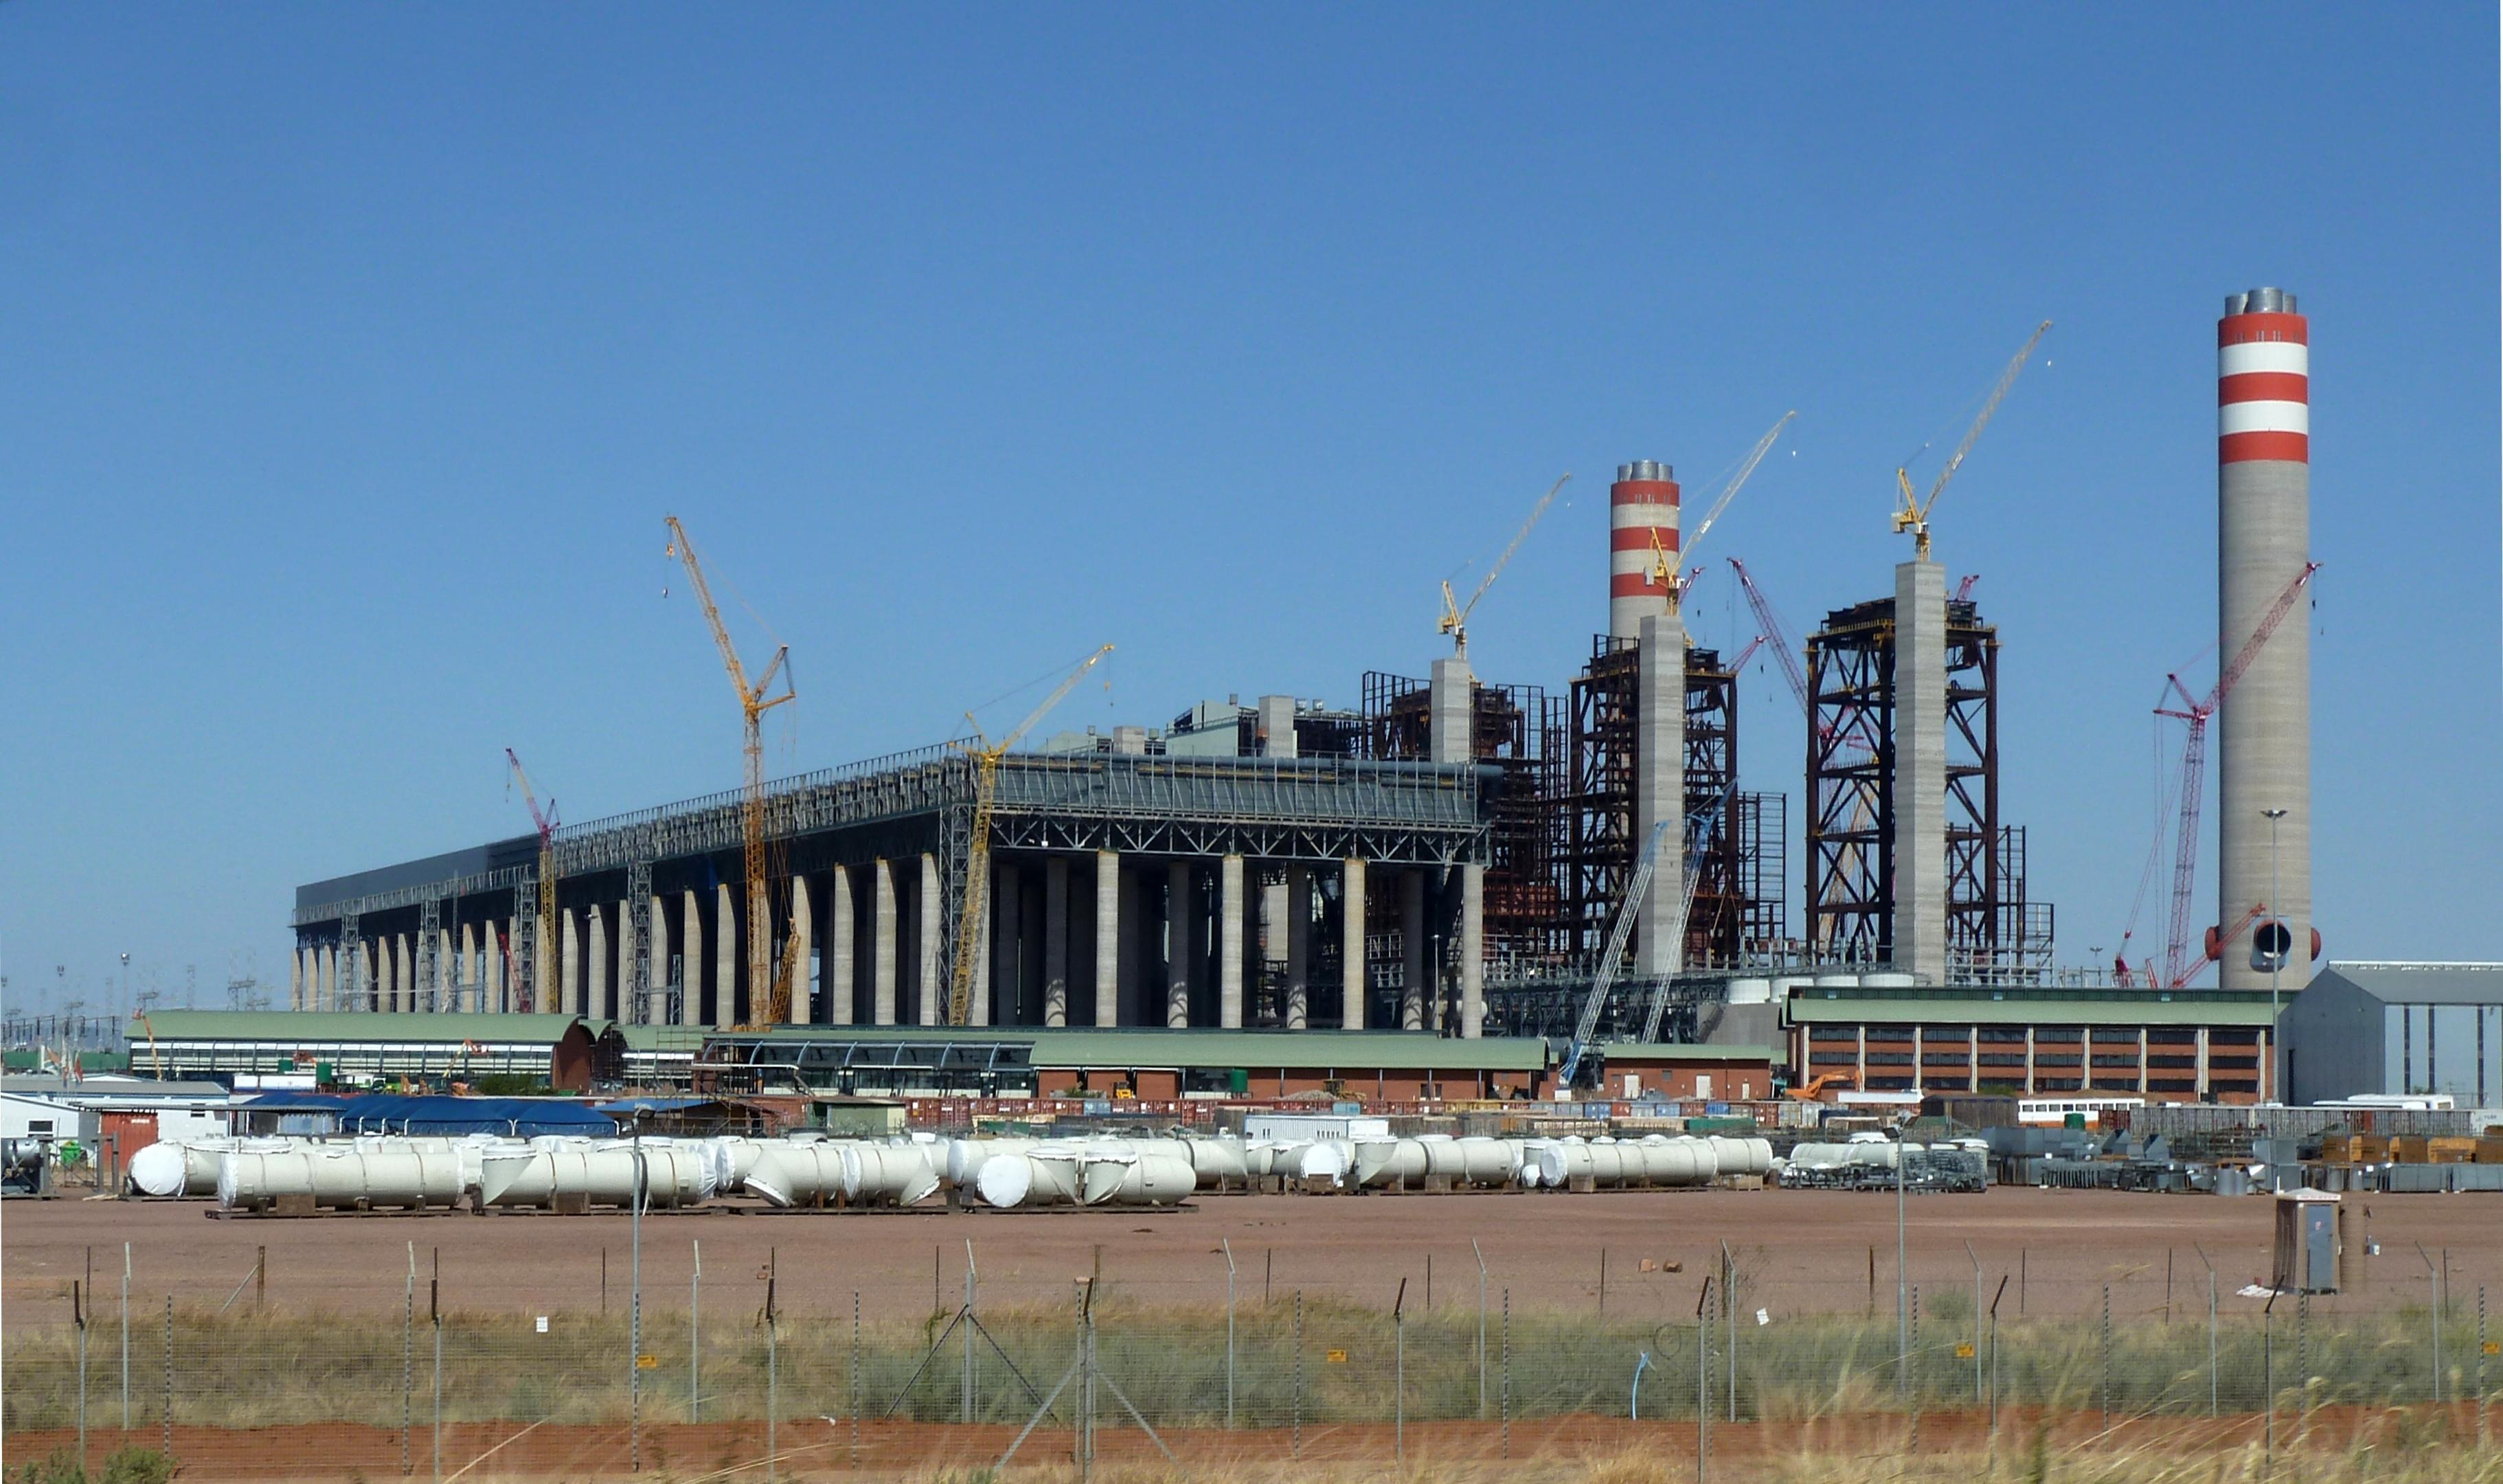 Medupi Power Station - Wikipedia